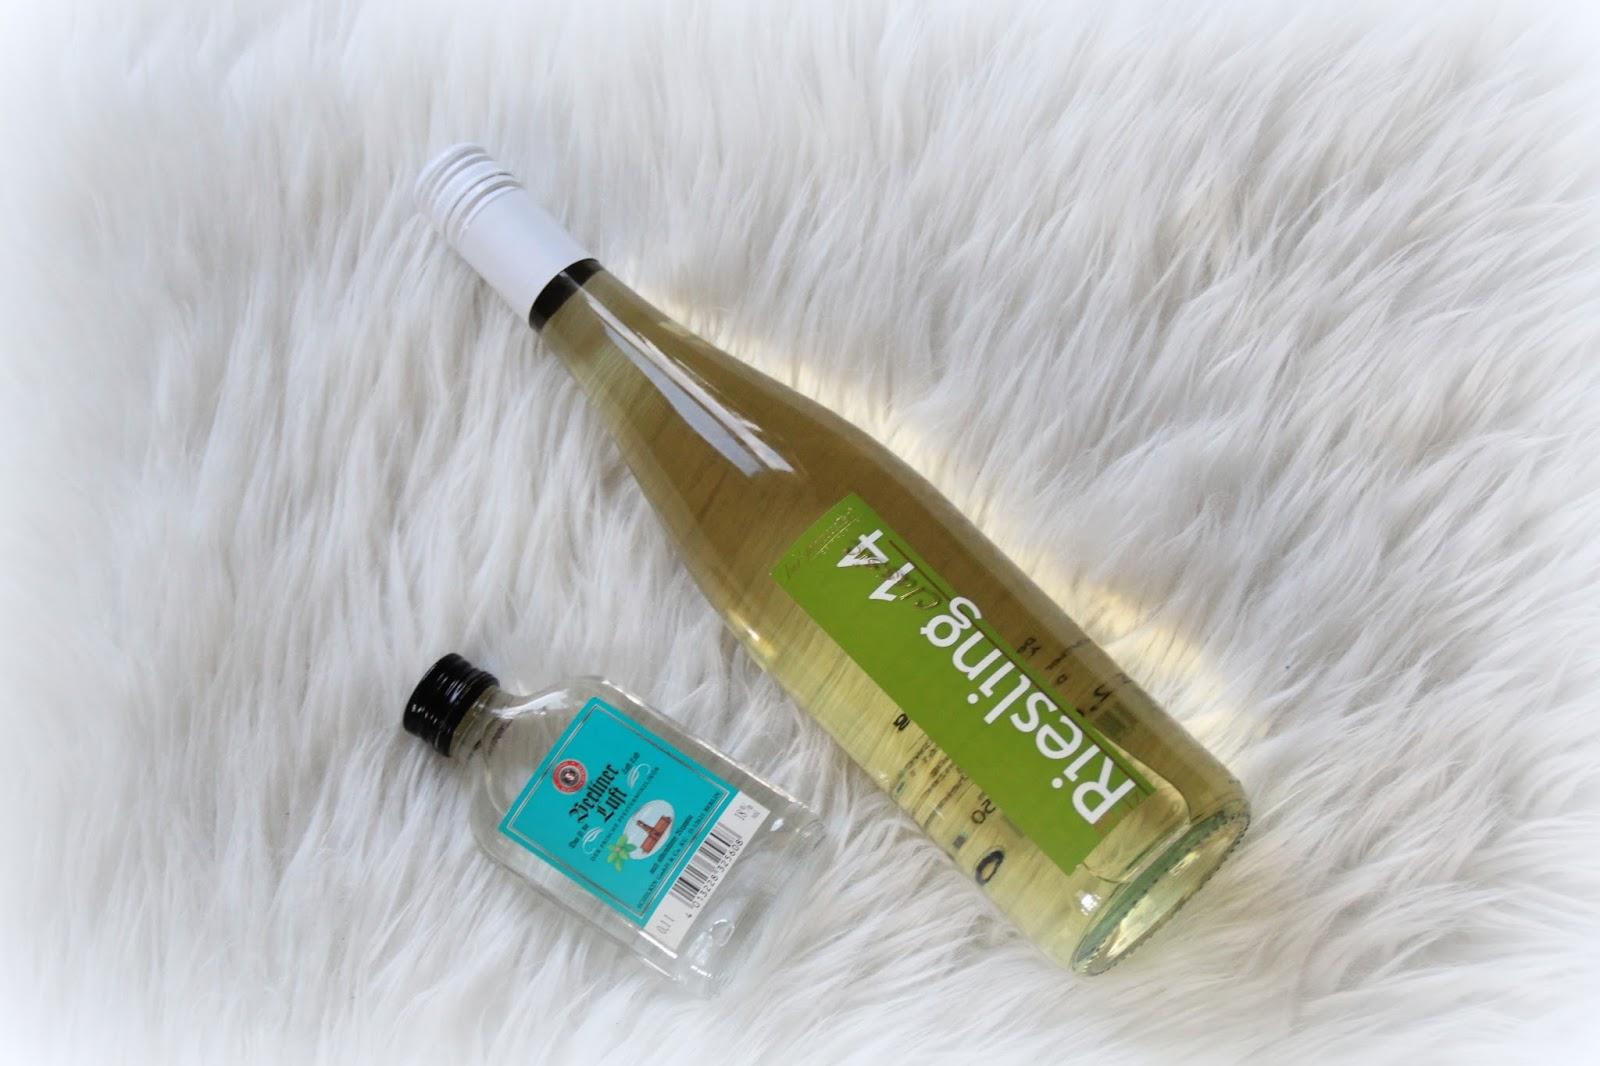 JuCheer testet: Getränkewelt - große Auswahl im Onlineshop